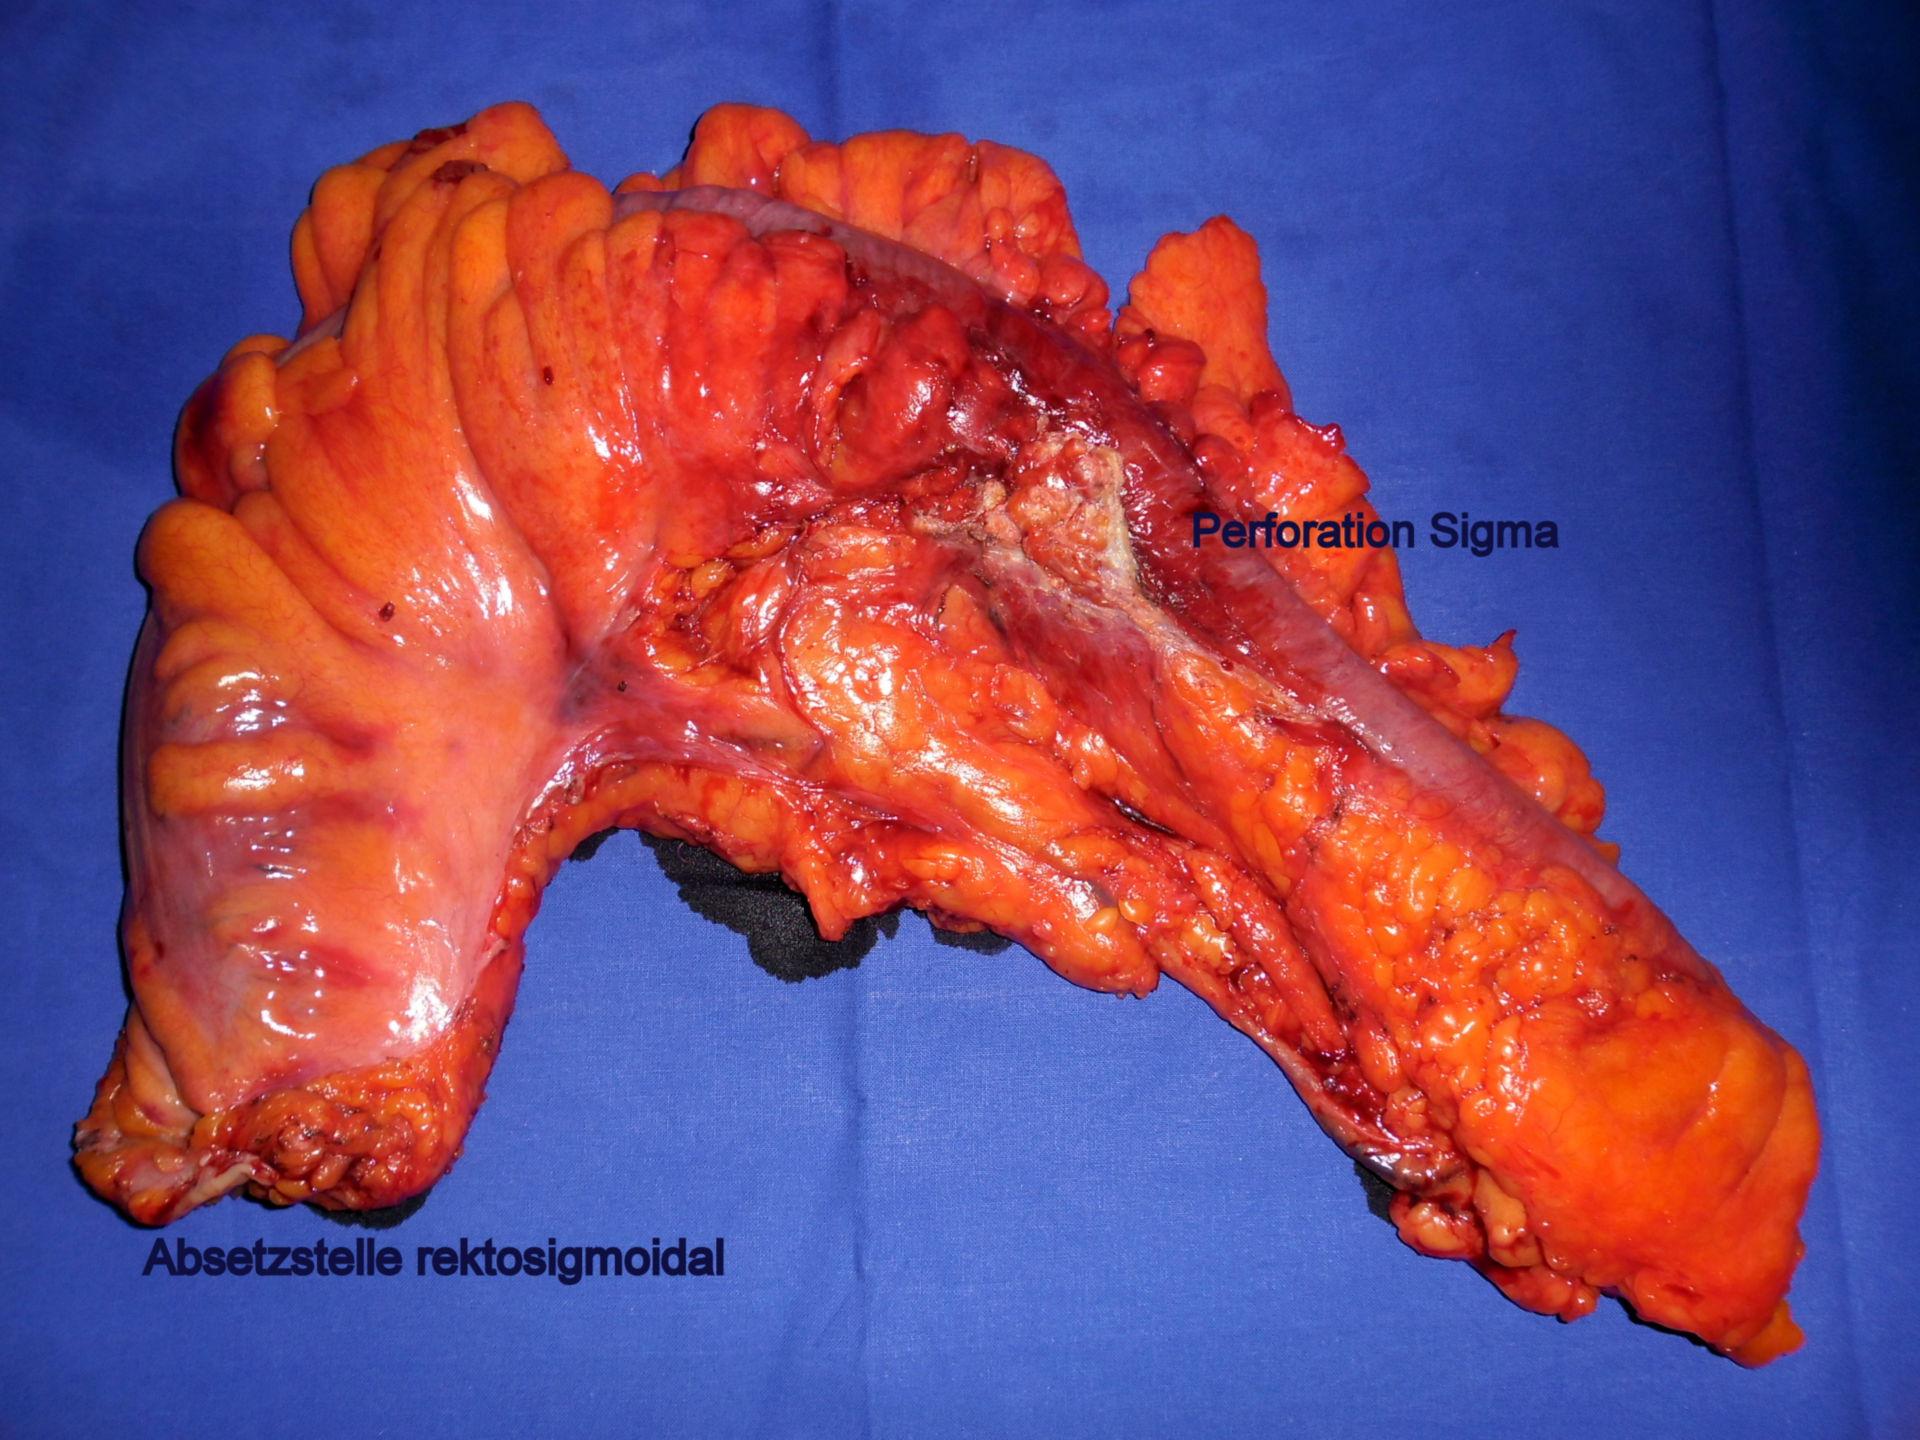 Sigmoid Colon Diverticulitis